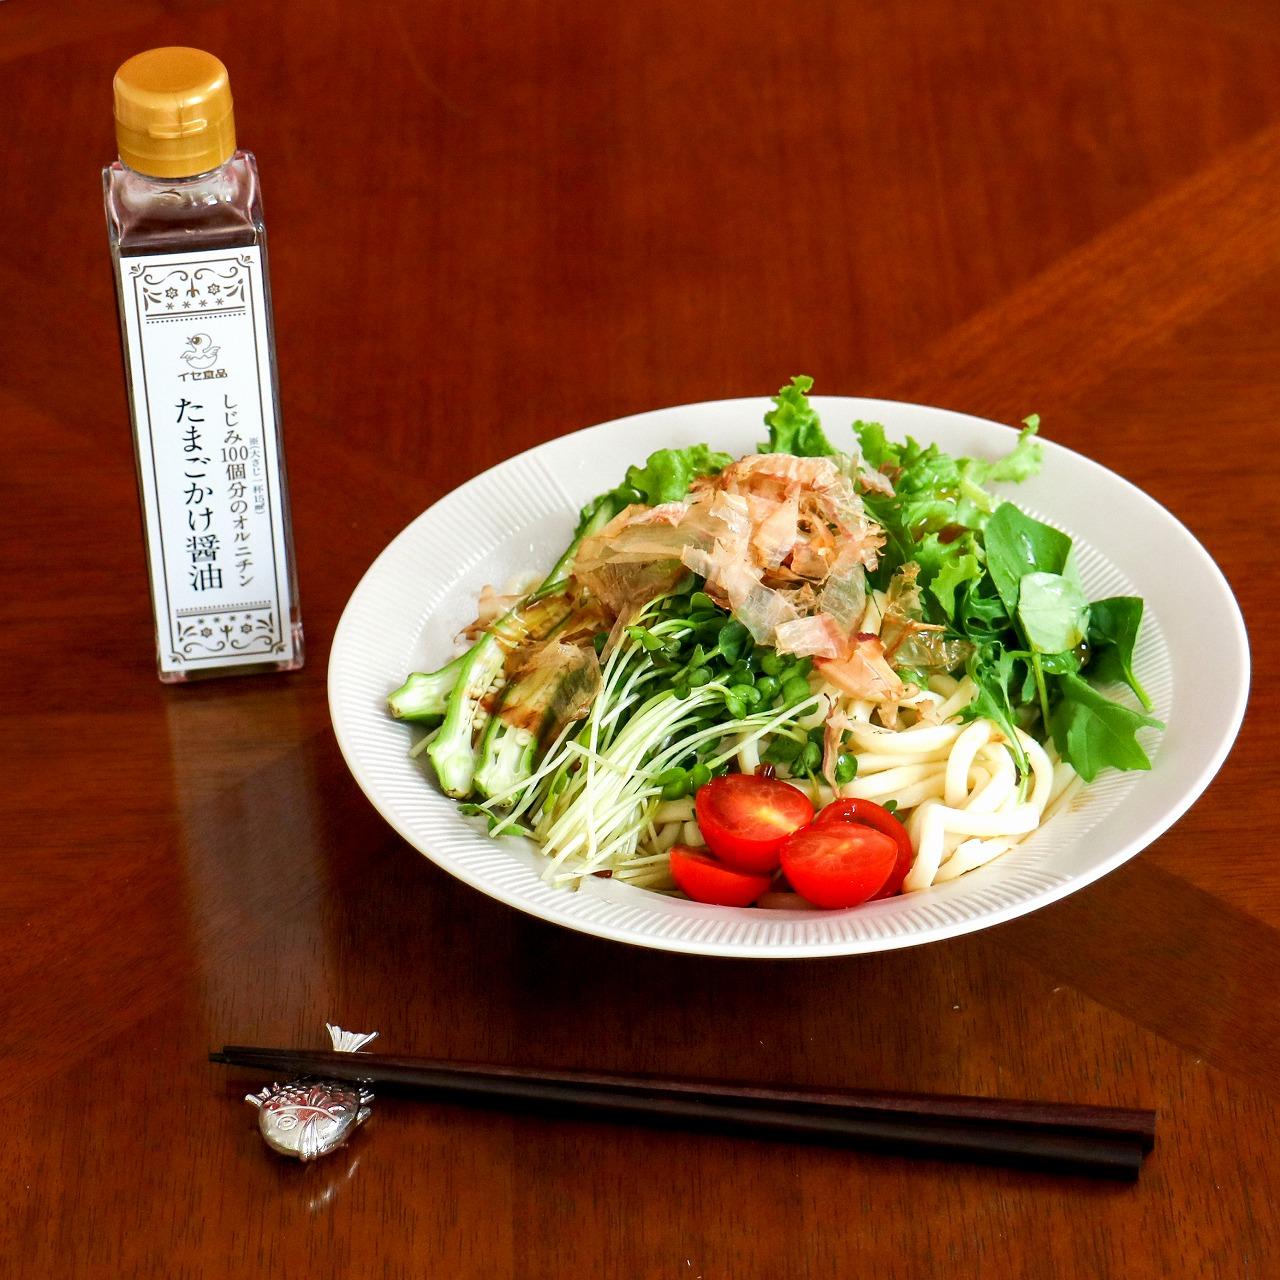 【簡単夏レシピ】たっぷりの野菜といただくサラダうどん